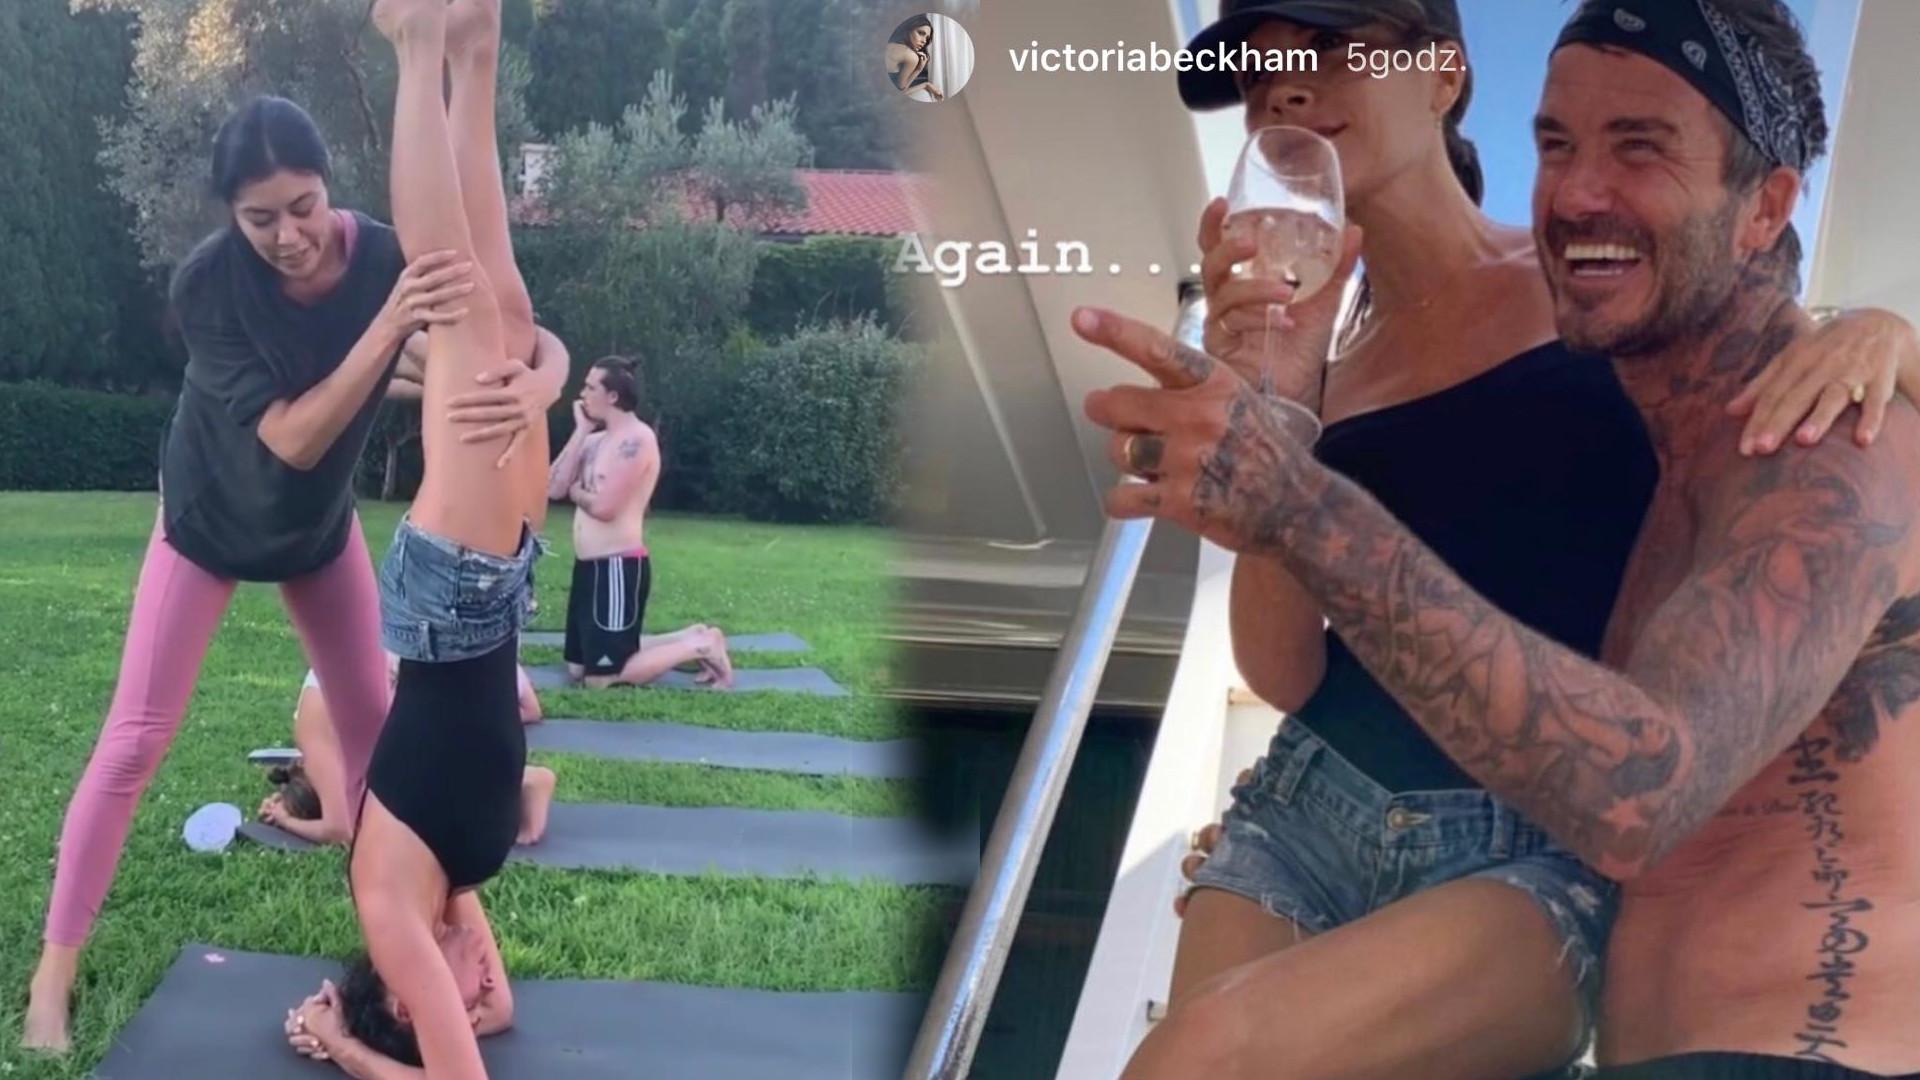 Beckhamowie na wakacjach – oni to potrafią się kochać i bawić. Tylko brać z nich przykład